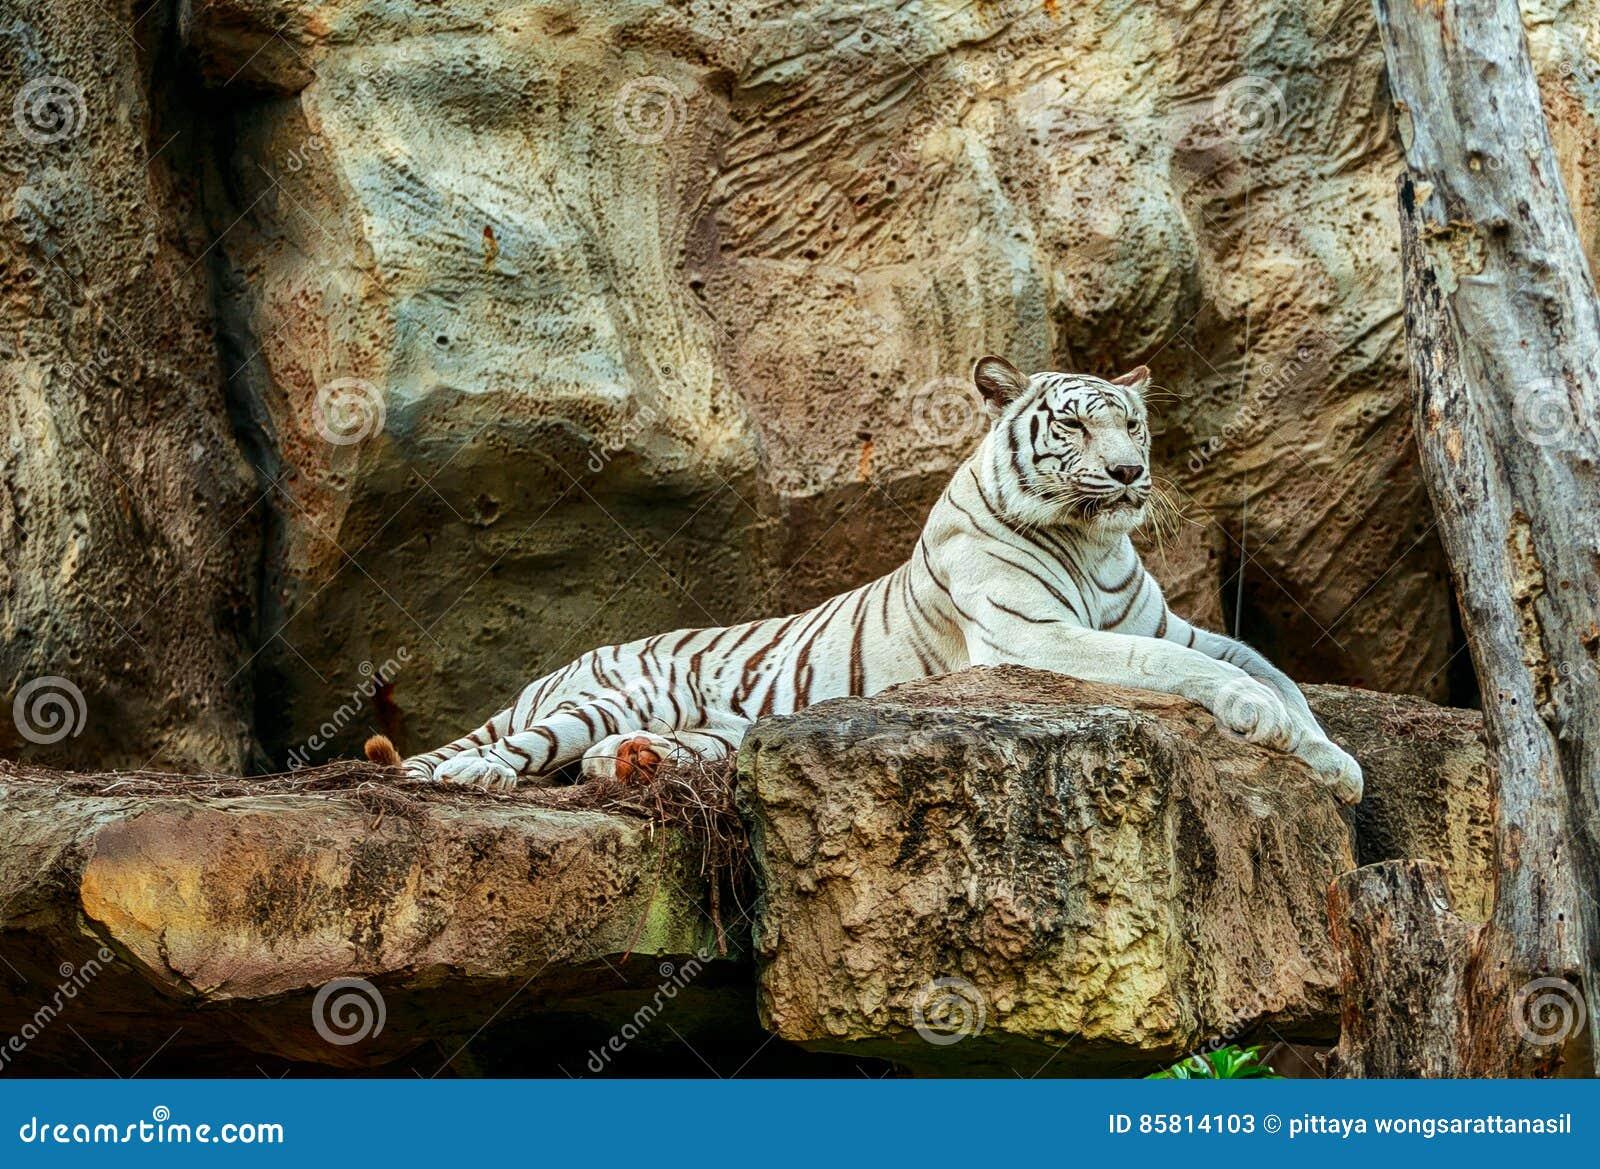 Albinotigerschlaf auf Felsen im Zoo